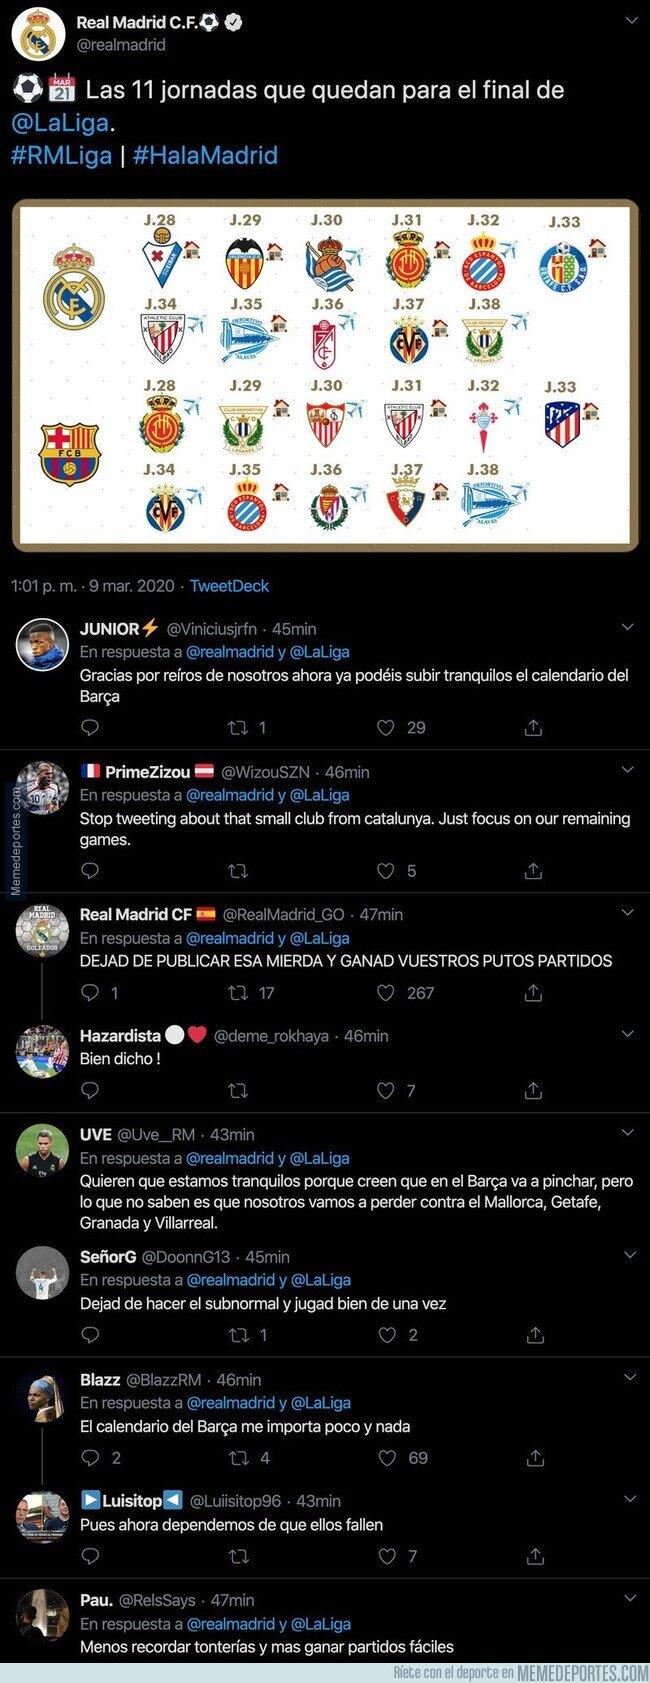 1100375 - Lío monumental: aficionados madridistas están indignados con su club por este tuit que acaba de escribir el Real Madrid